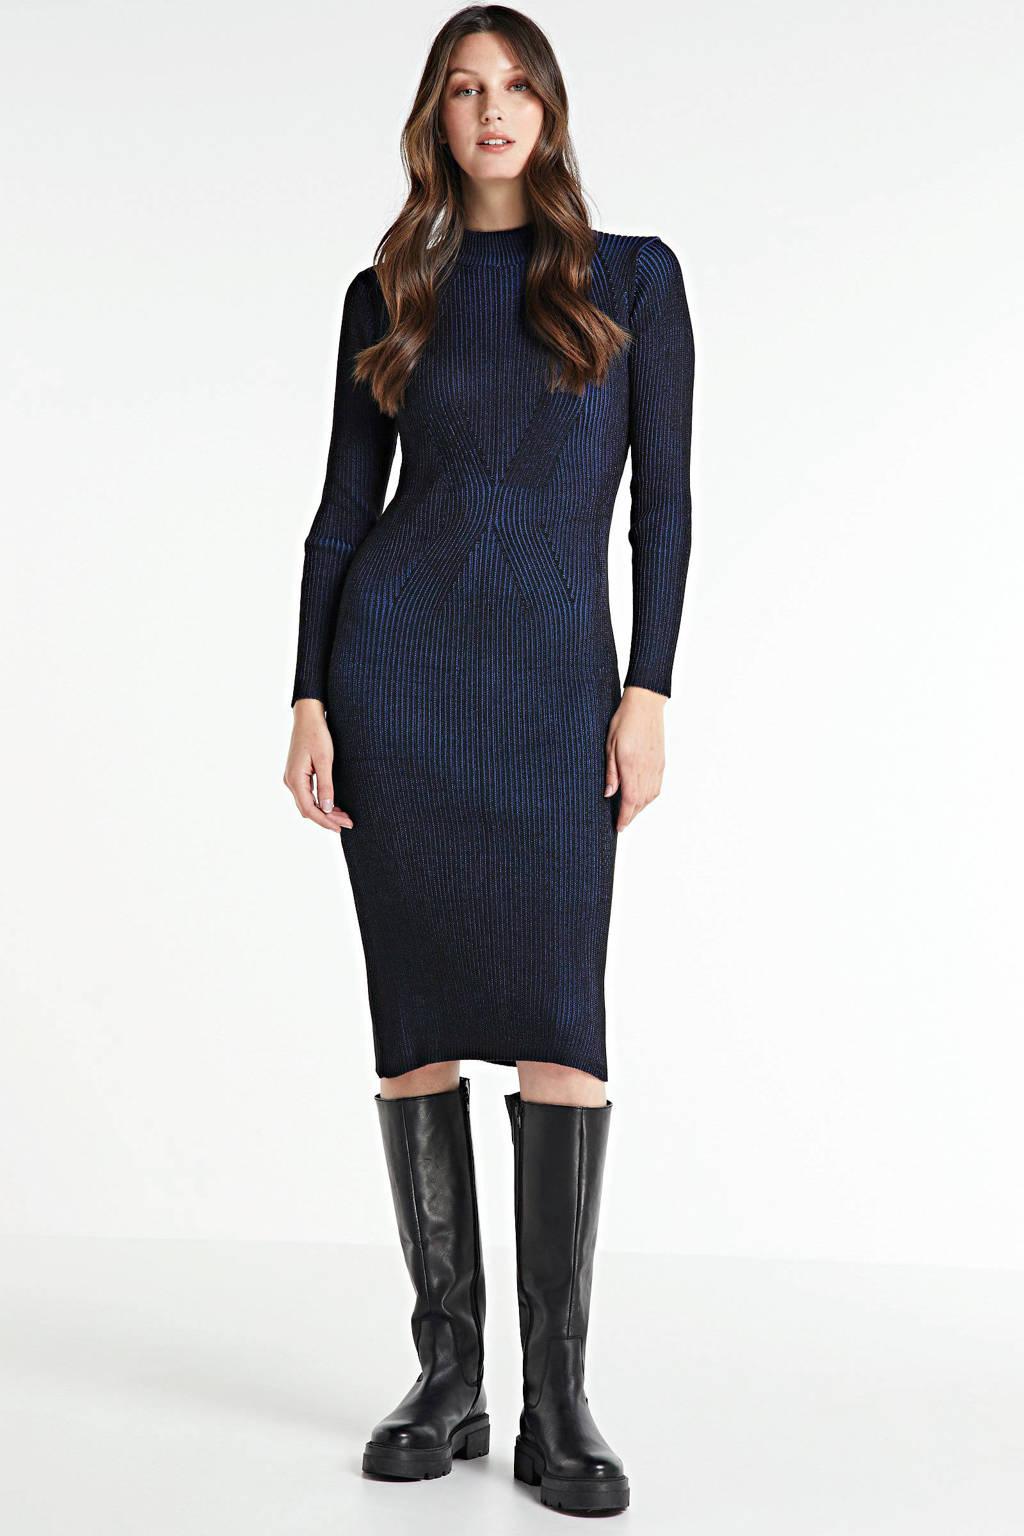 G-Star RAW maxi jurk Plated lynn dress mock slim knit wmn l\s met textuur imperial blue, Imperial Blue